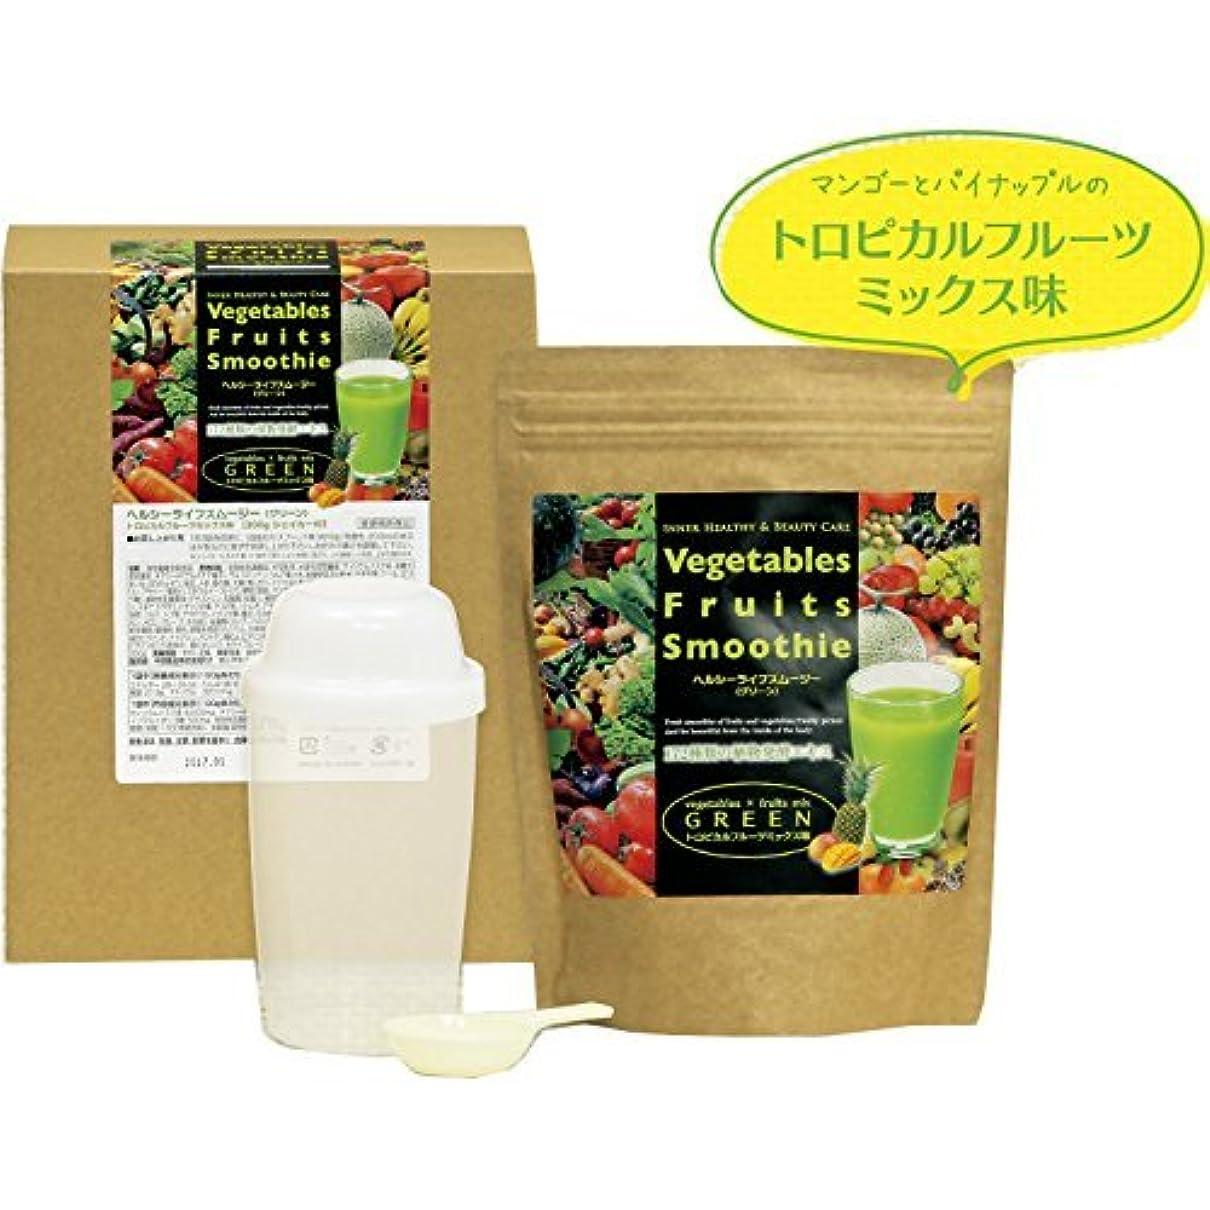 罹患率眠いですドラマVegetables Fruits Smoothie ヘルシーライフスムージー(グリーン)トロピカルフルーツミックス味(300g シェイカー付) 日本製